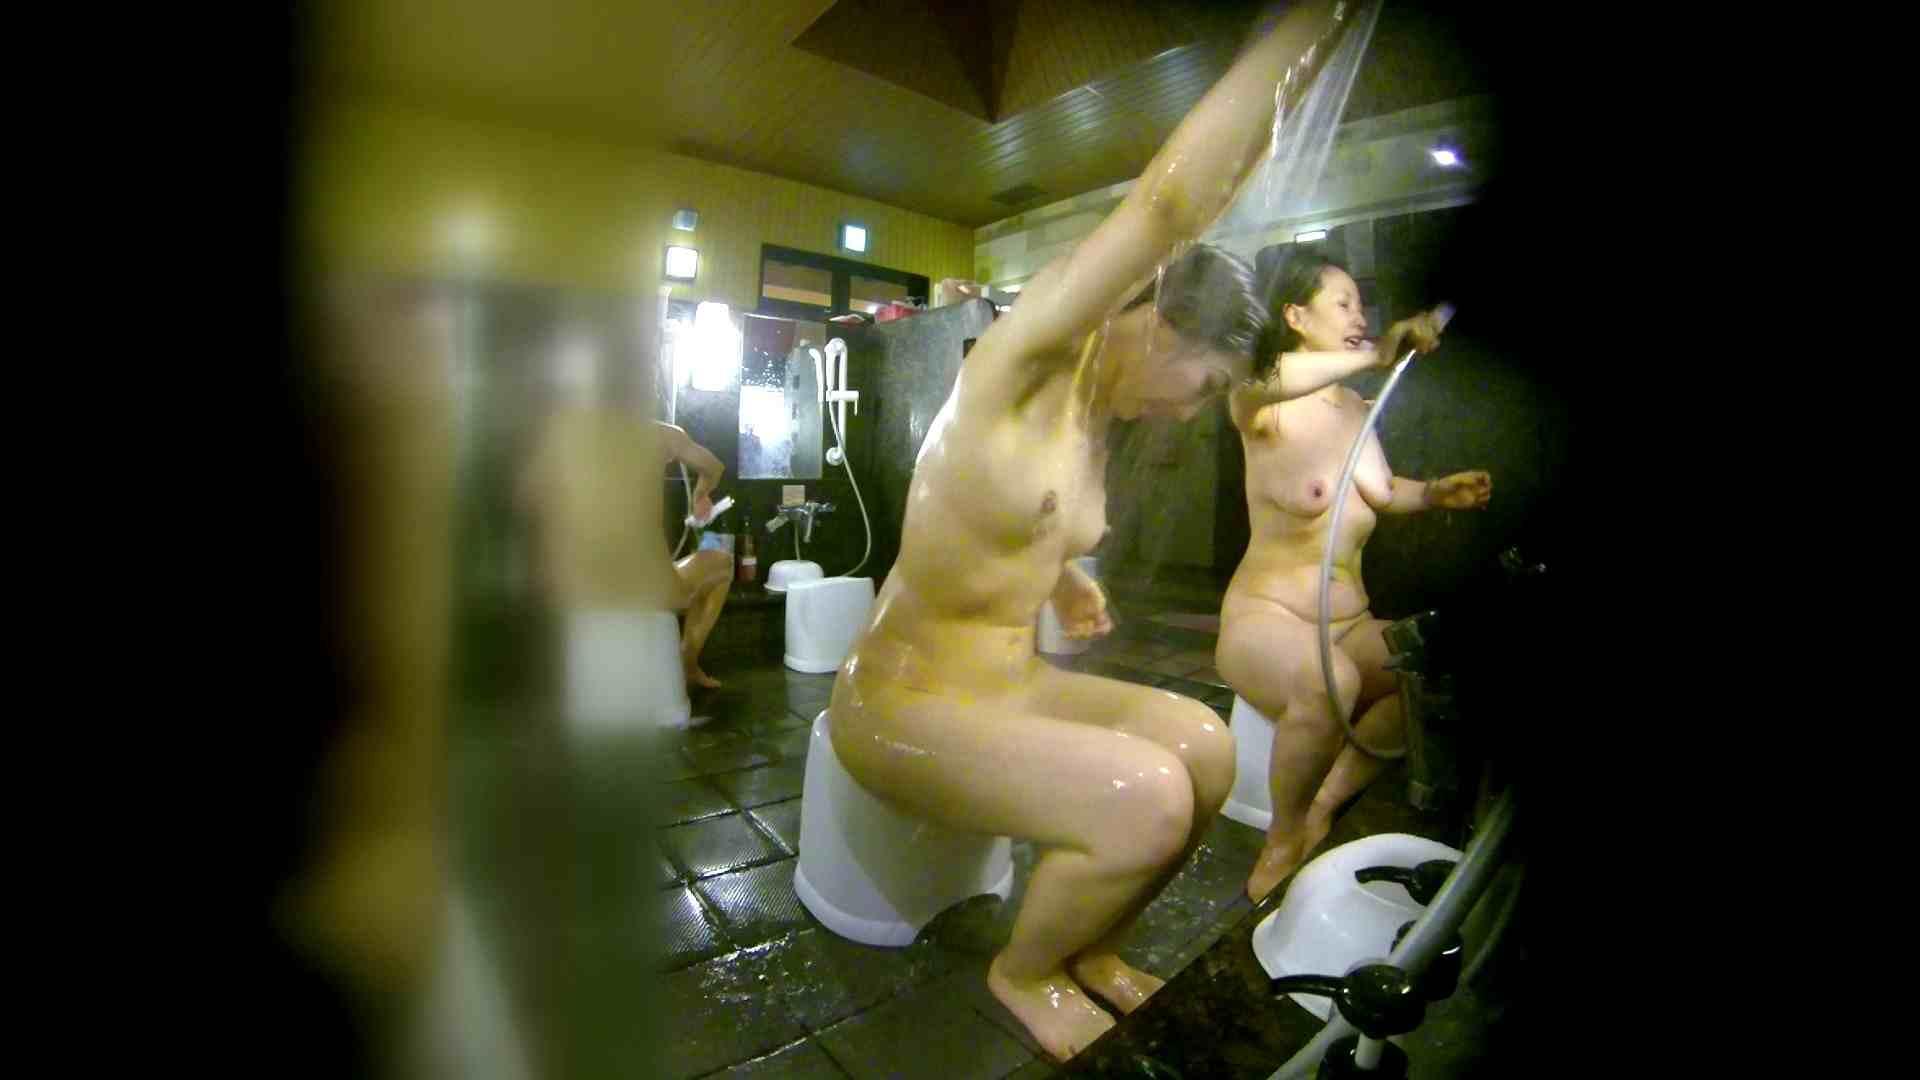 洗い場!右足の位置がいいですね。陰毛もっさり! 潜入 オメコ動画キャプチャ 111画像 61